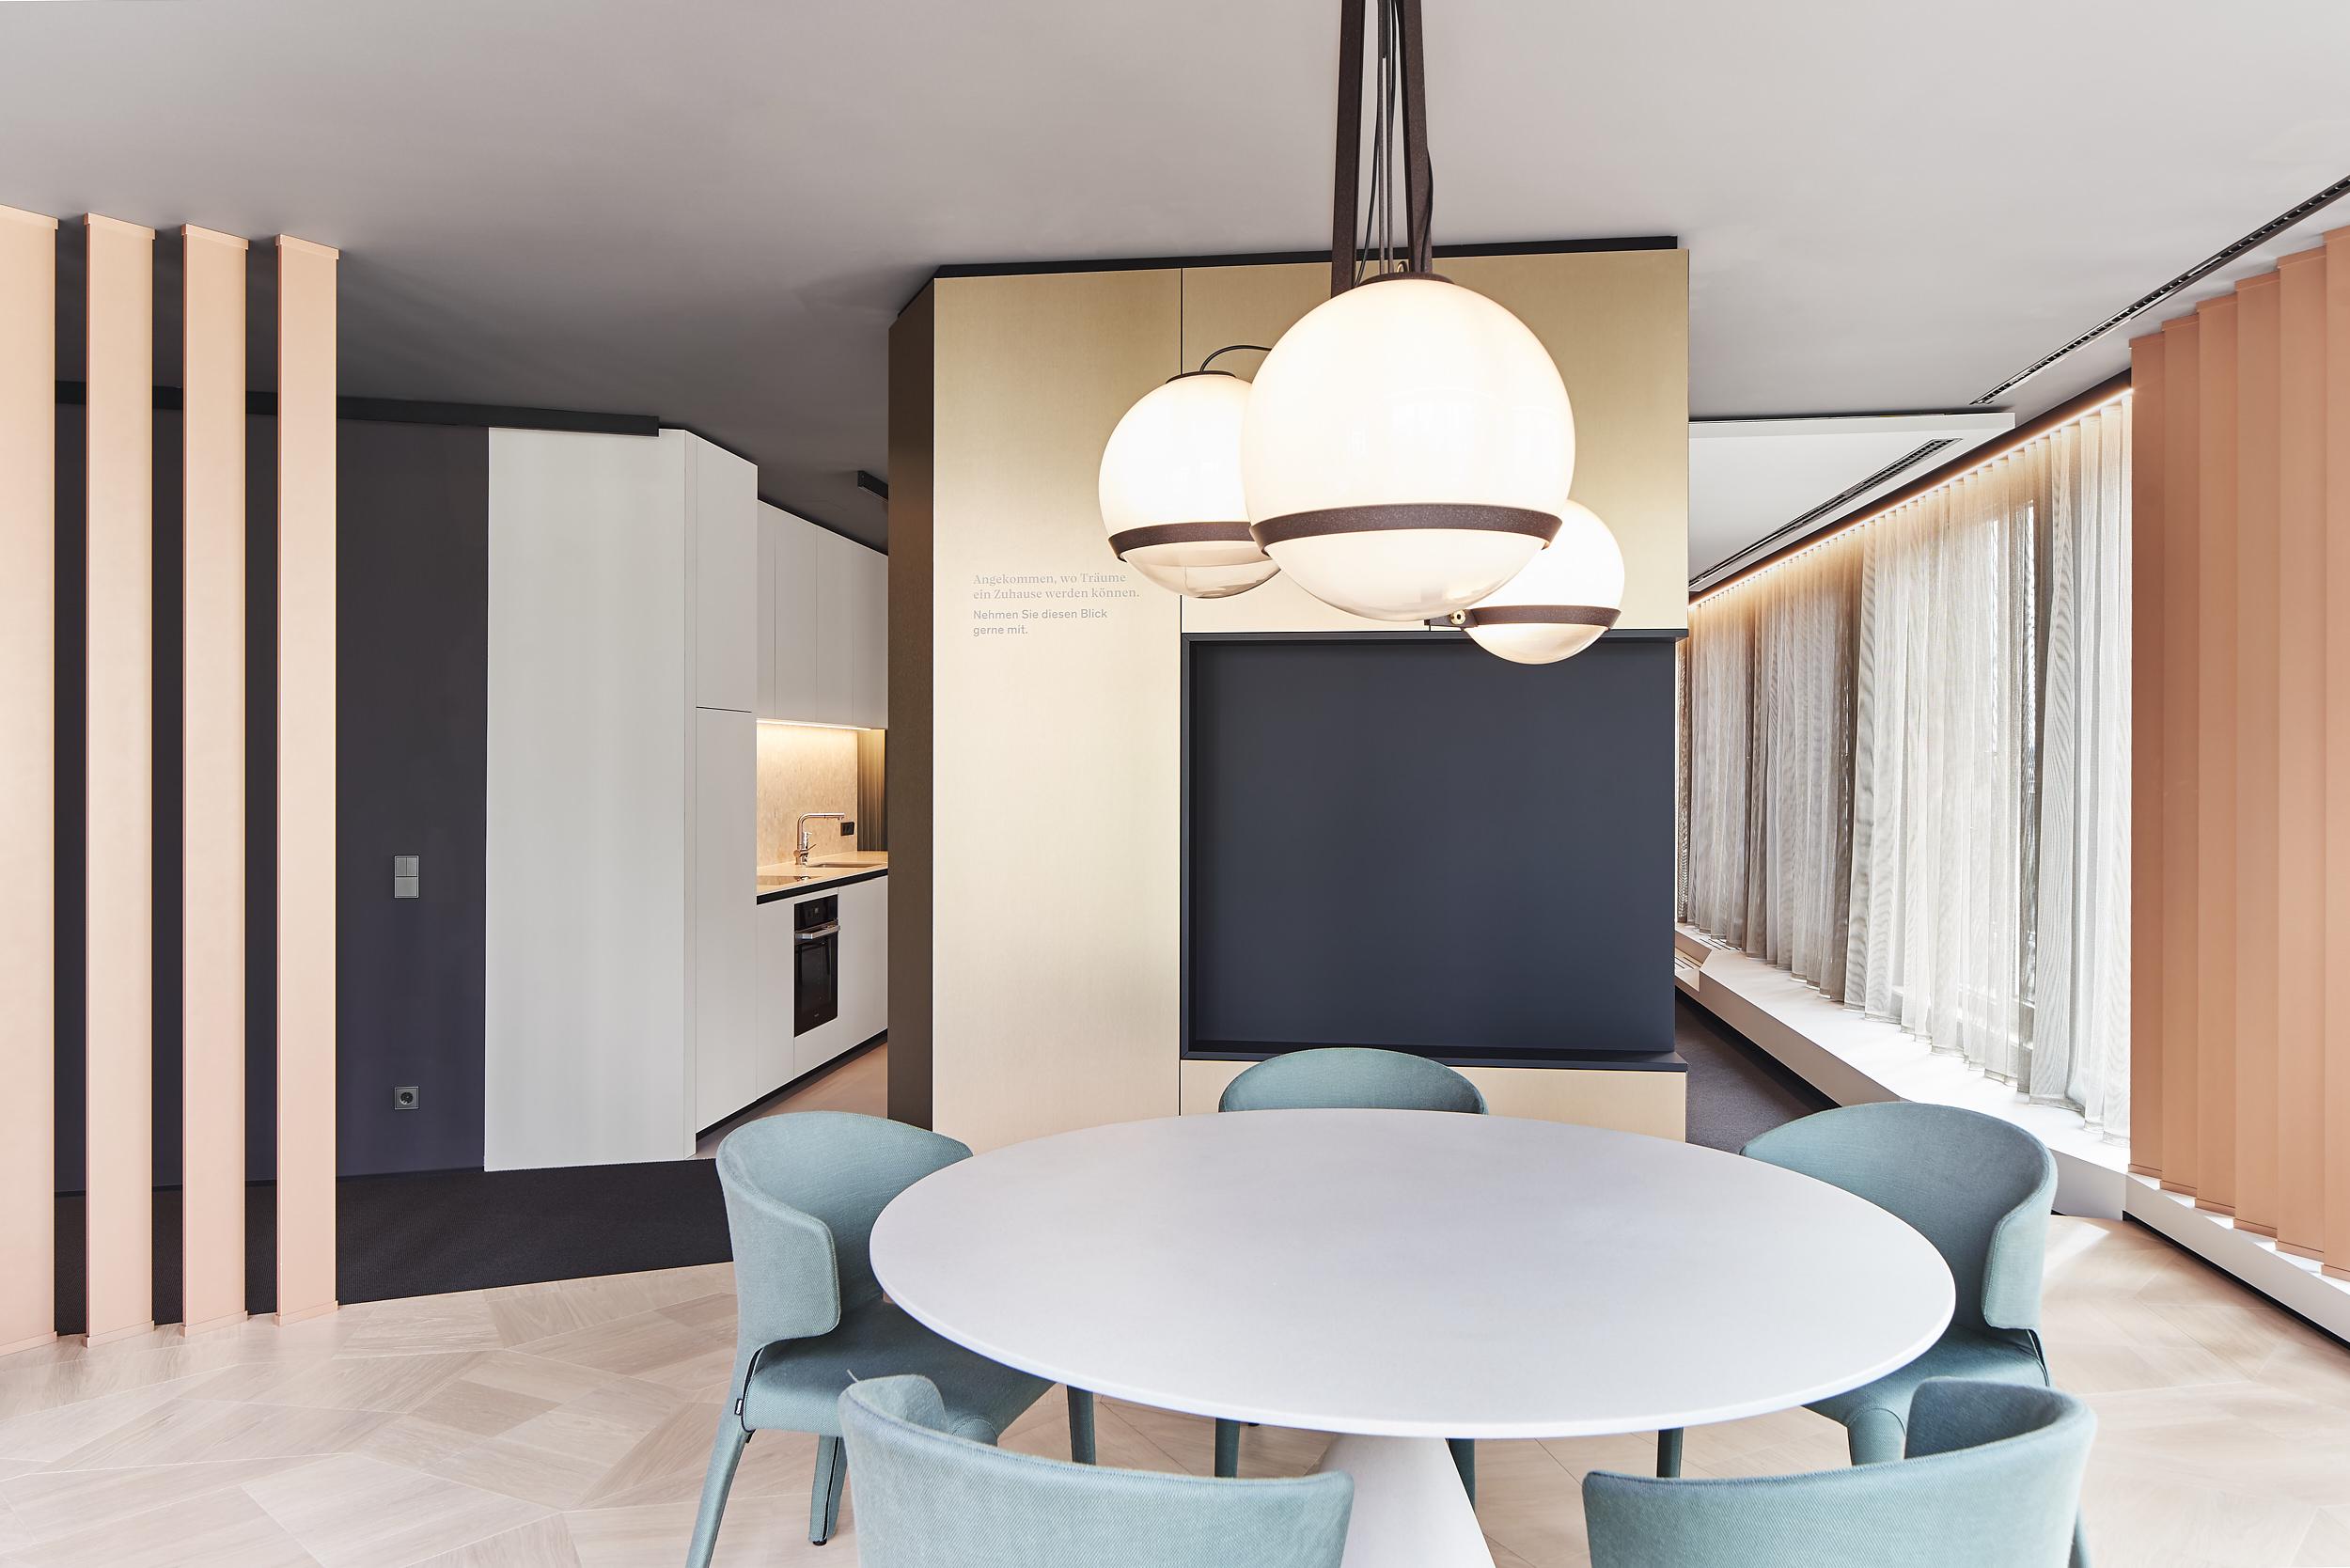 Die FOUR Suite. Immobilienvermarktung auf höchstem Niveau.